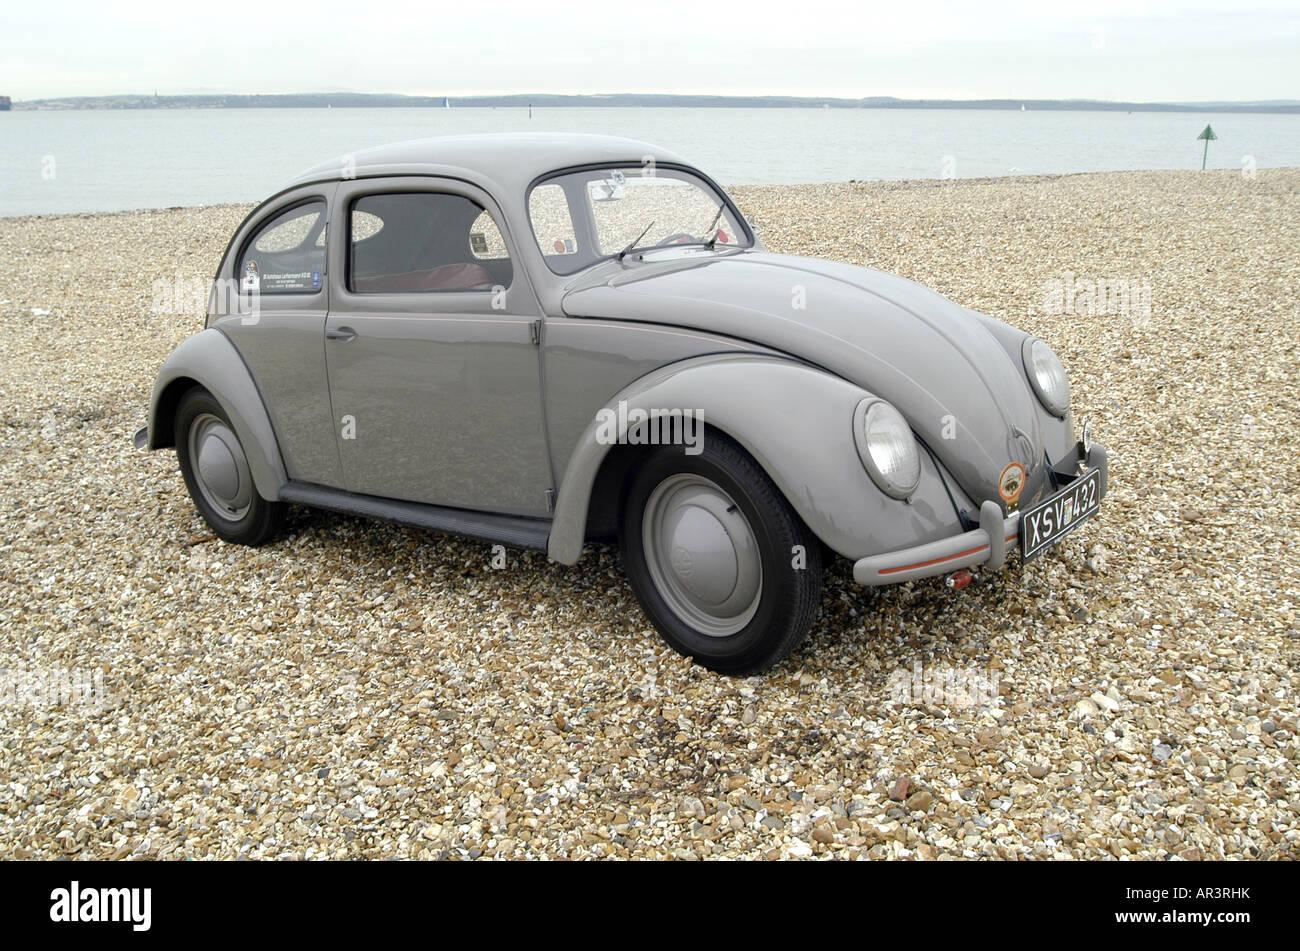 1951 vw volkswagen beetle split oval rear window stock for 1951 volkswagen split window